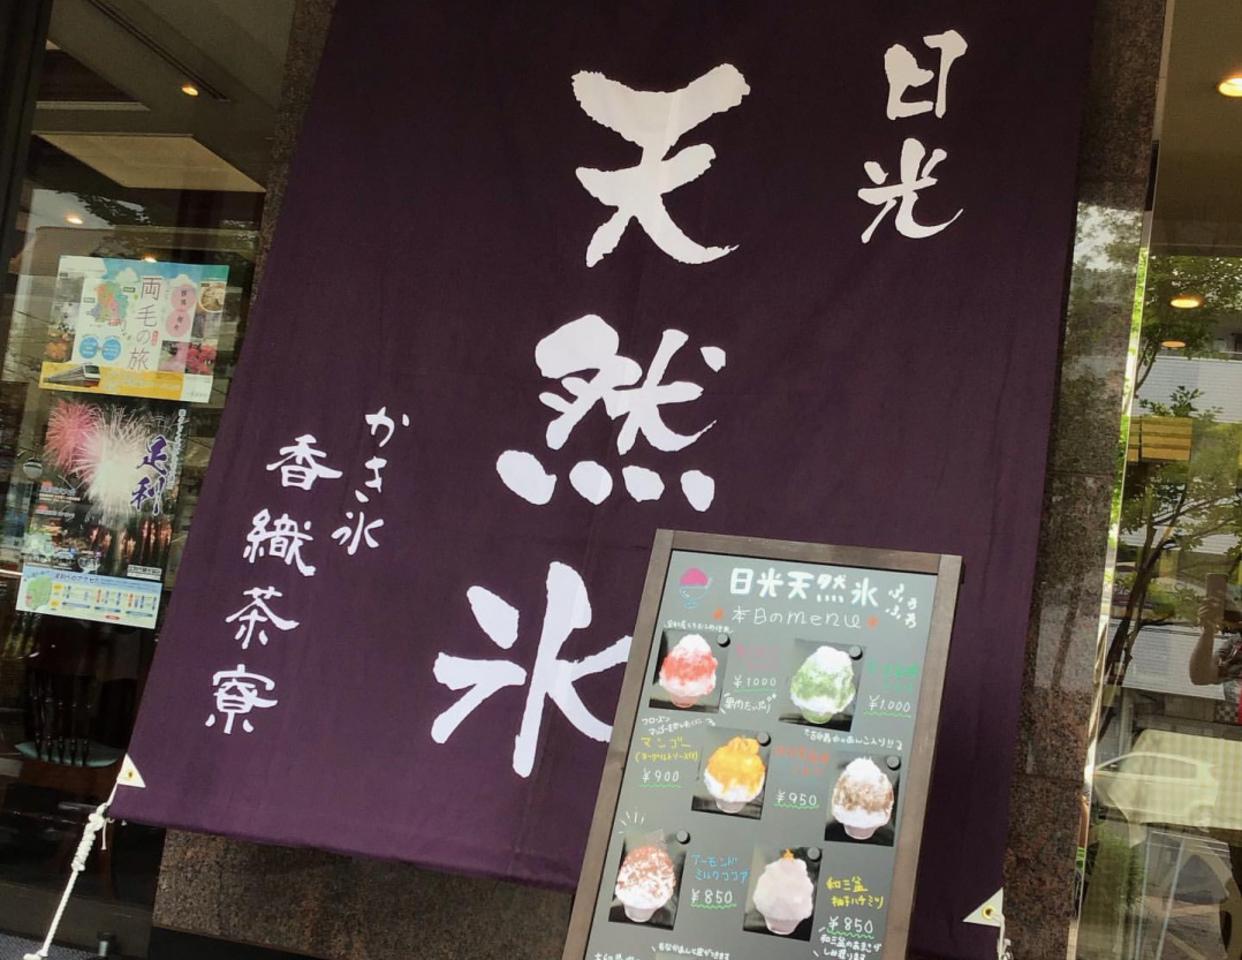 栃木県足利市八幡町1丁目の香雲堂本店にかき氷のお店「香織茶寮」が明日オープンのようです。